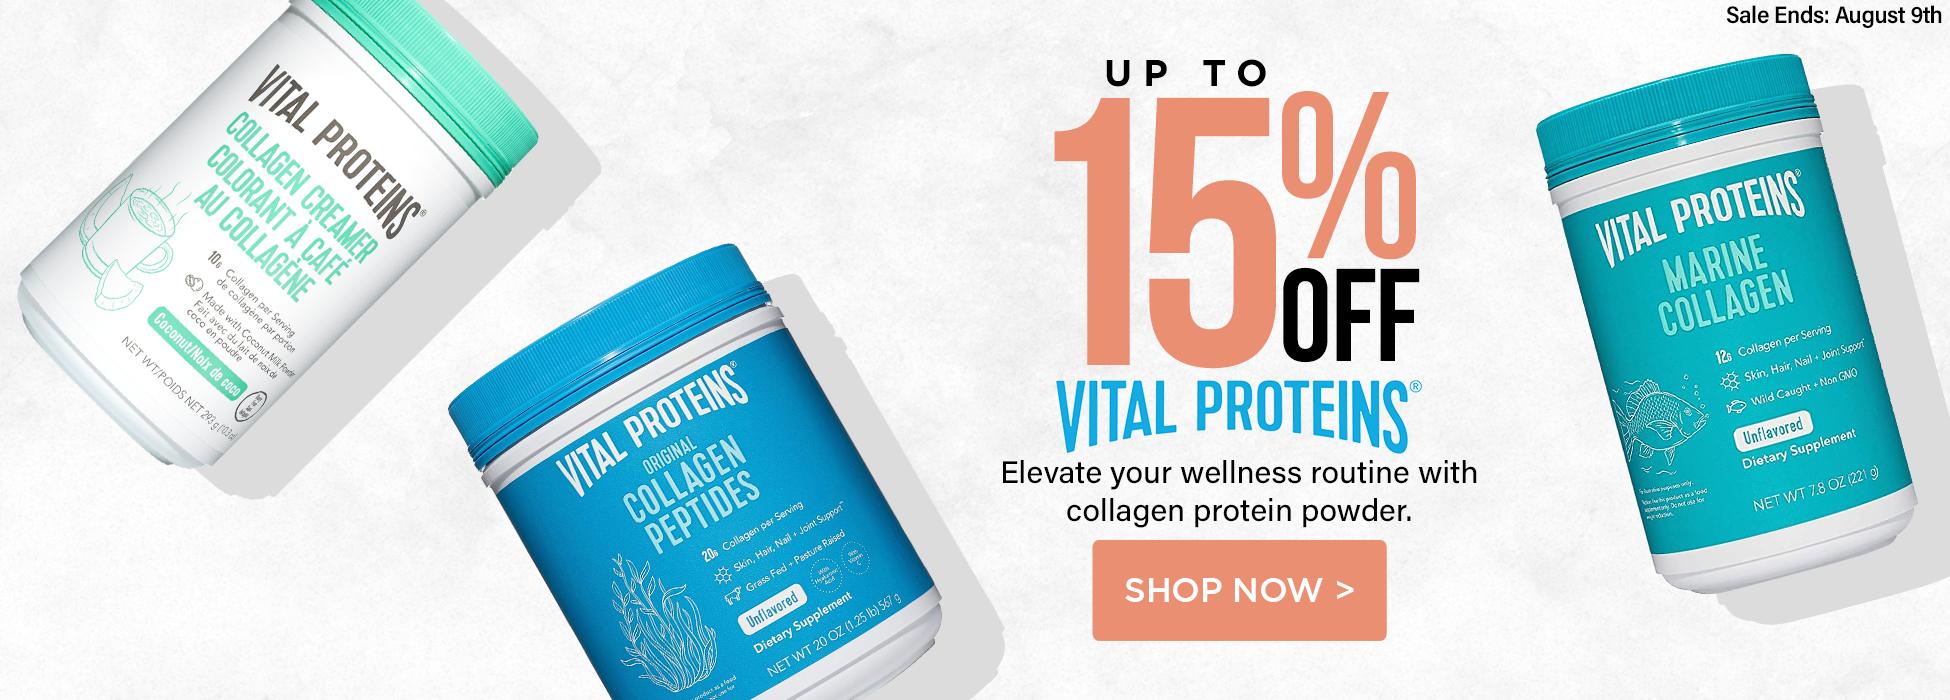 vital proteins sale collagen protein